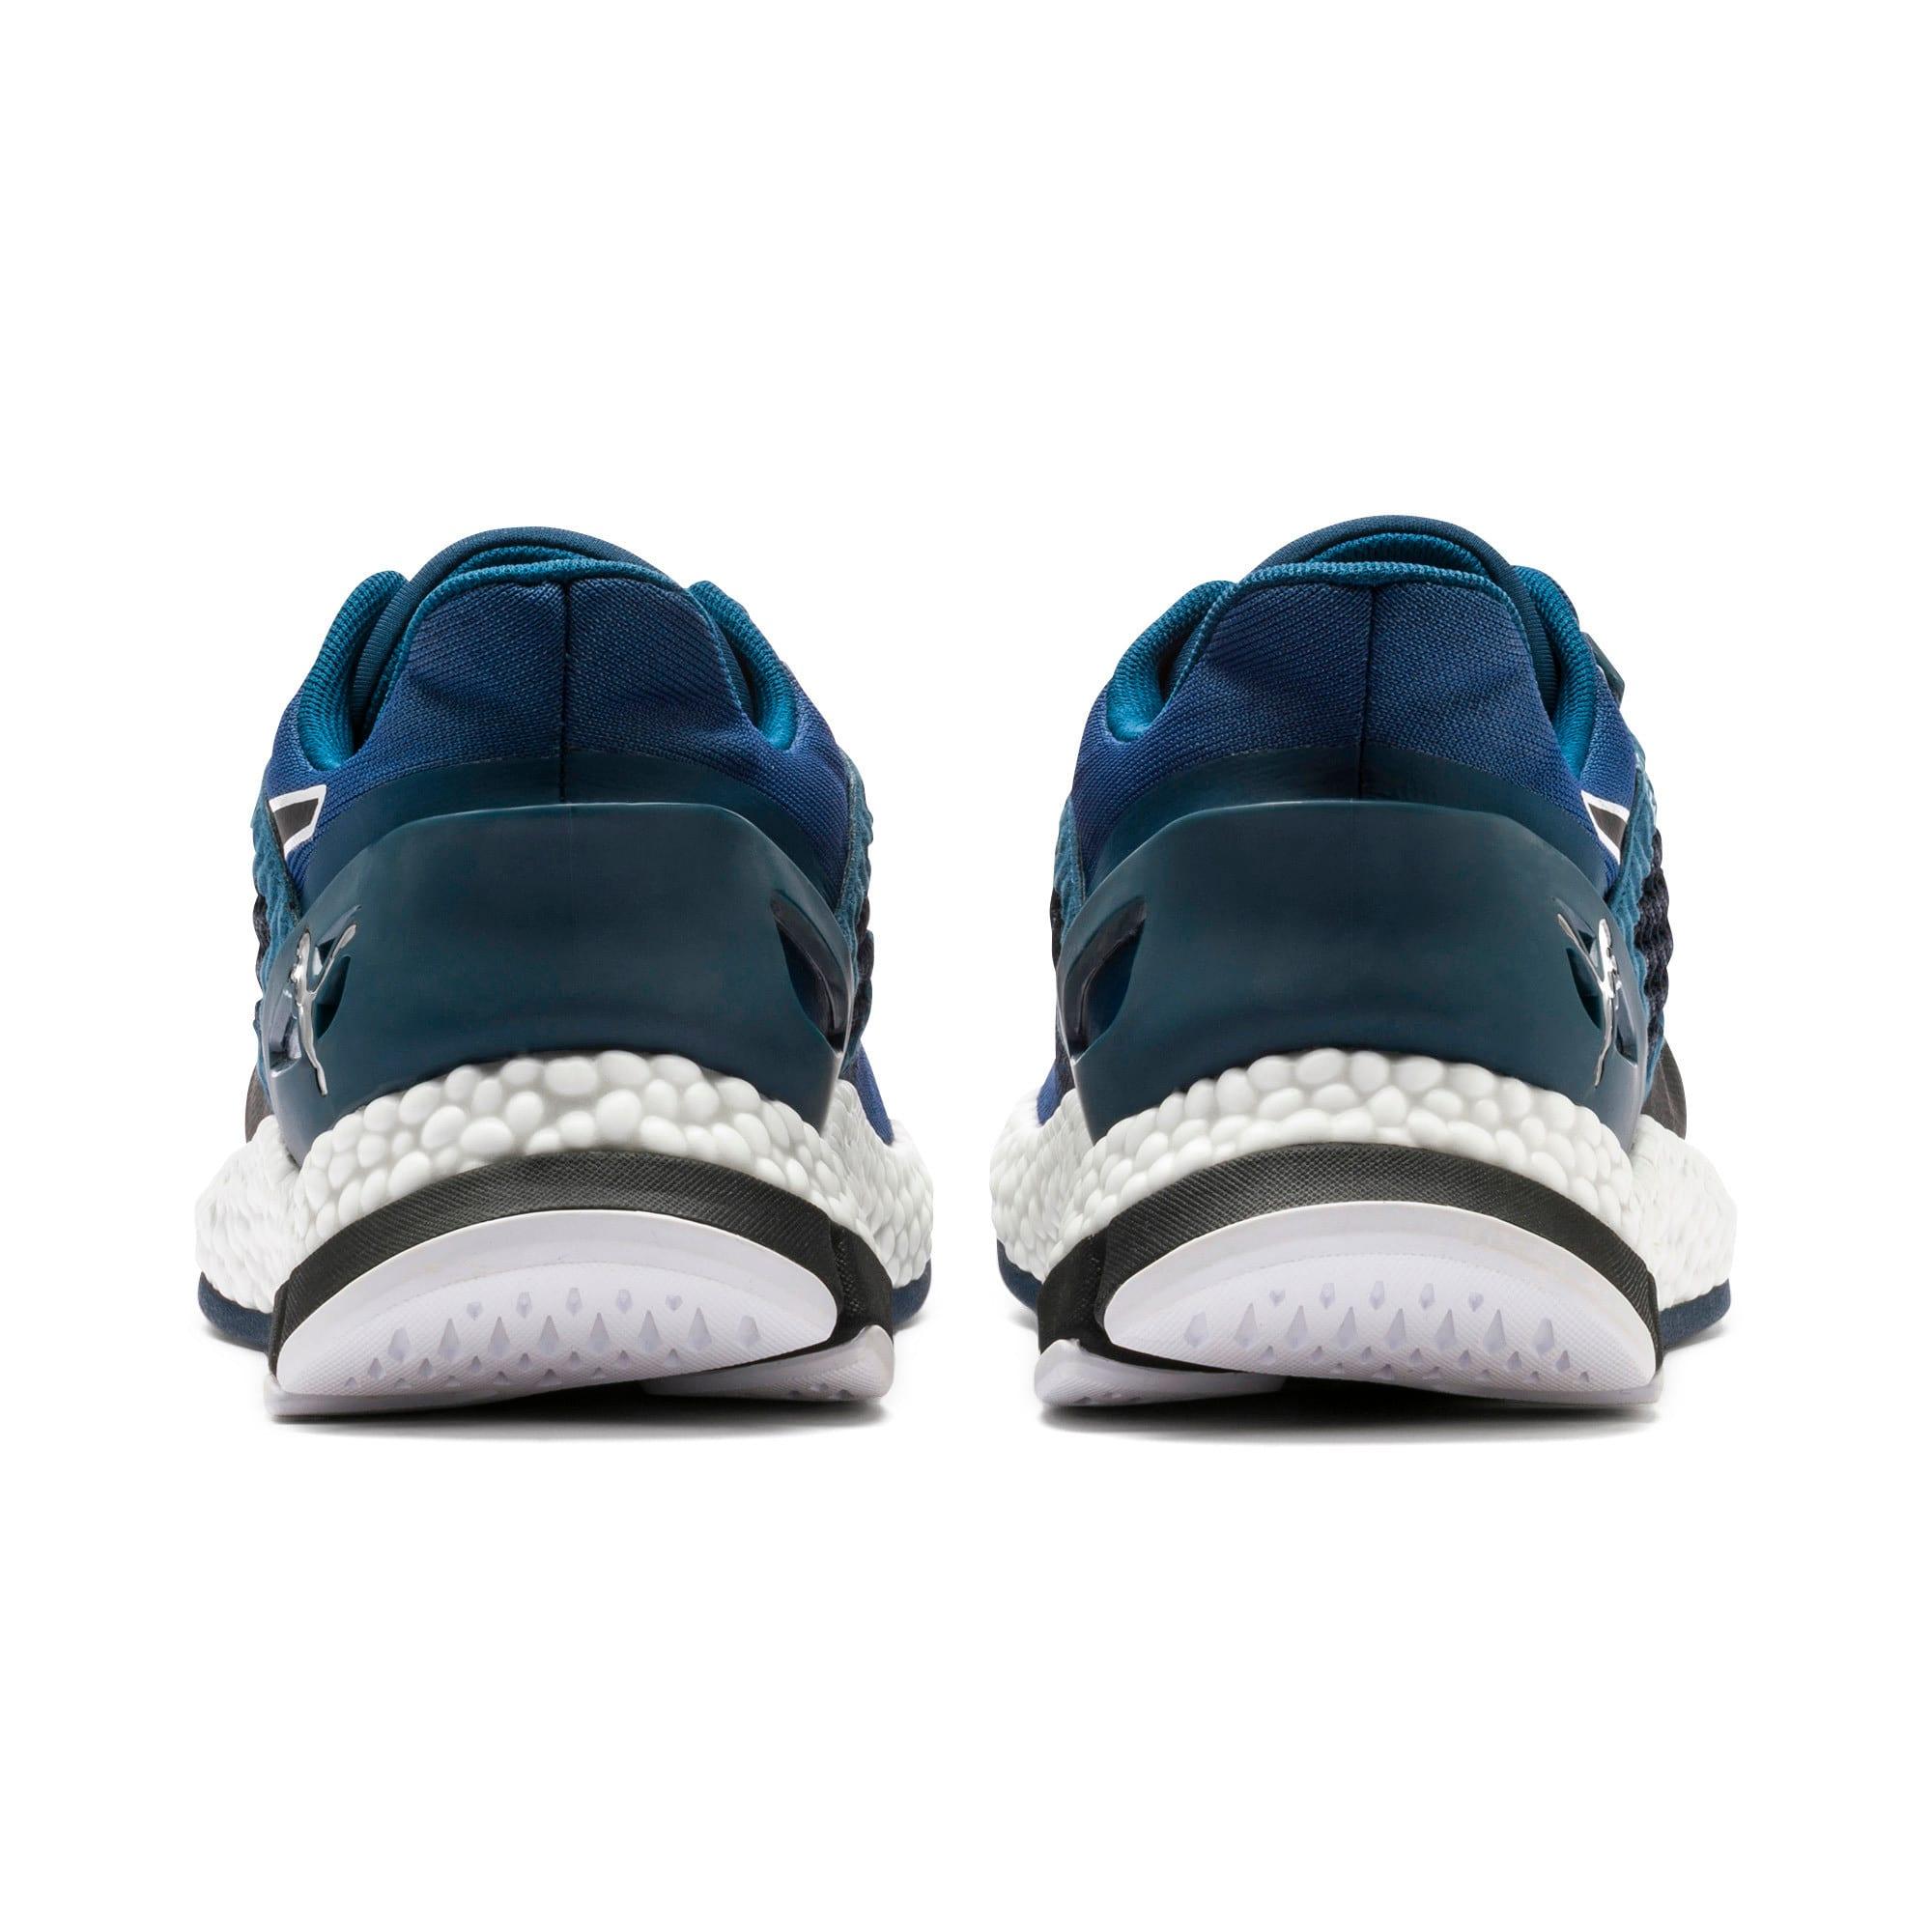 Thumbnail 5 of HYBRID Astro Men's Running Shoes, Black-Gibraltr Sea-Jaffa Org, medium